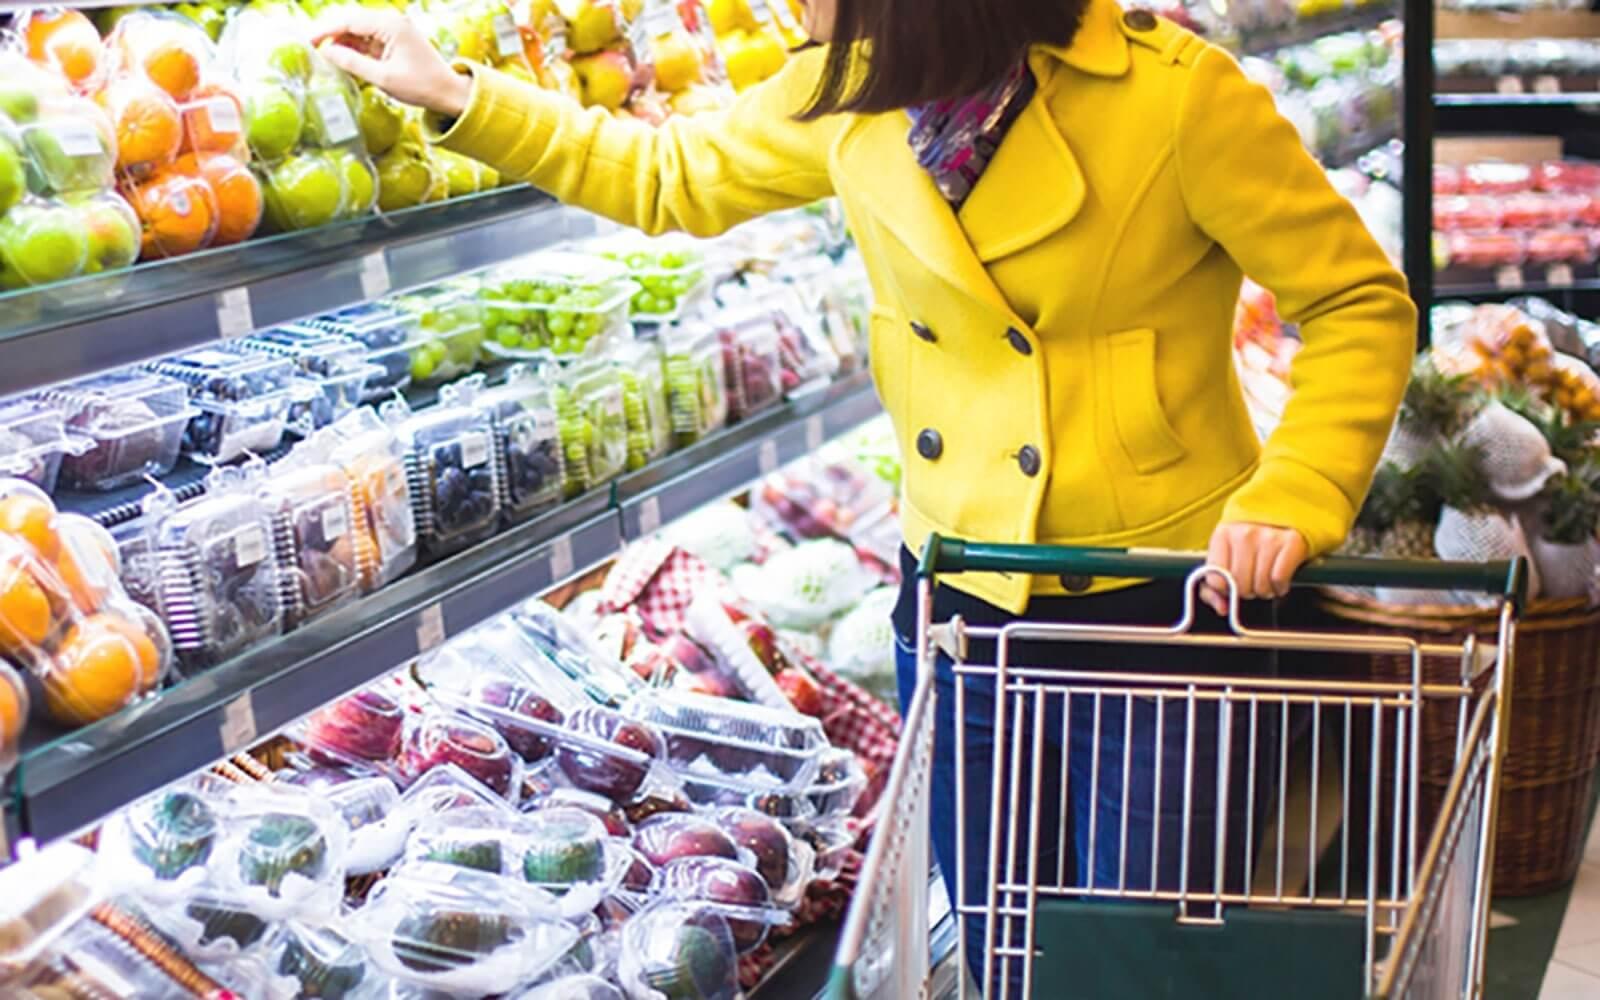 Berencana ke Supermarket? Perhatikan Hal Ini, yuk!